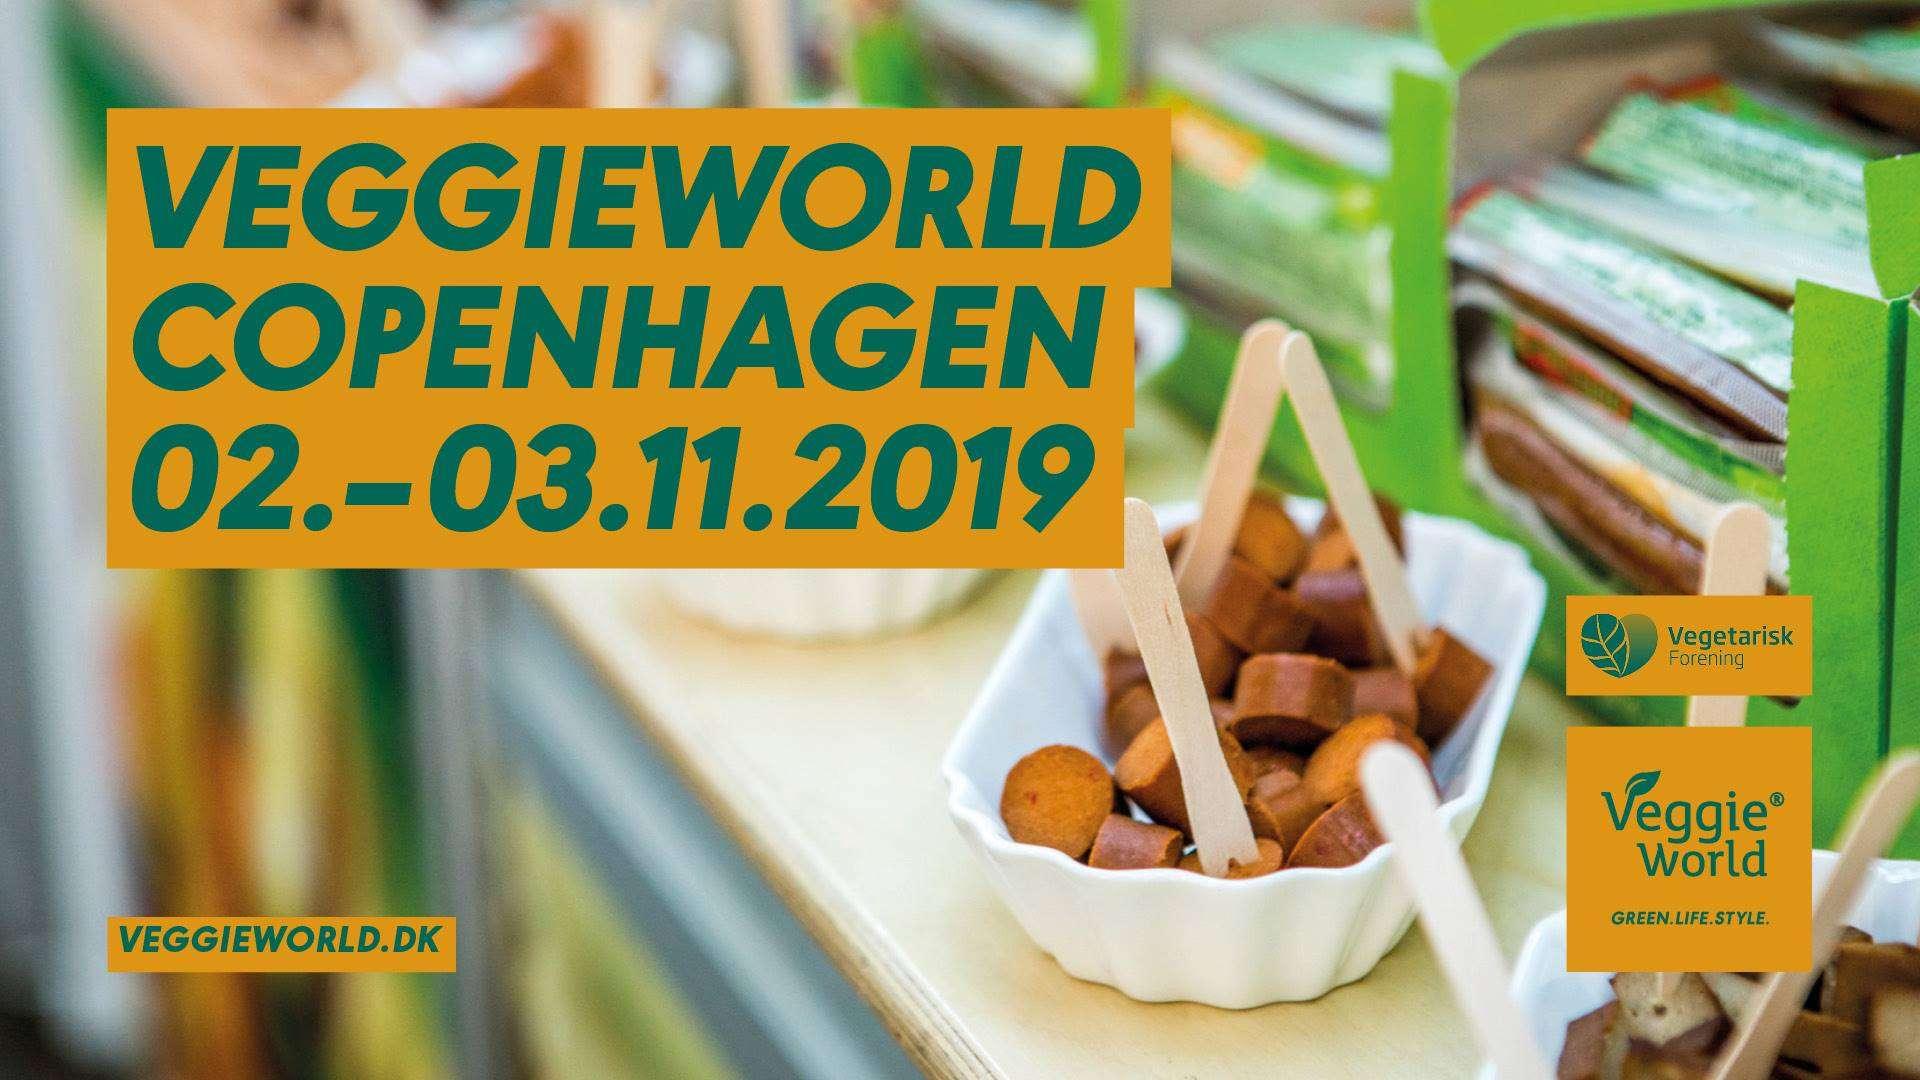 VeggieWorld Copenhagen 2019